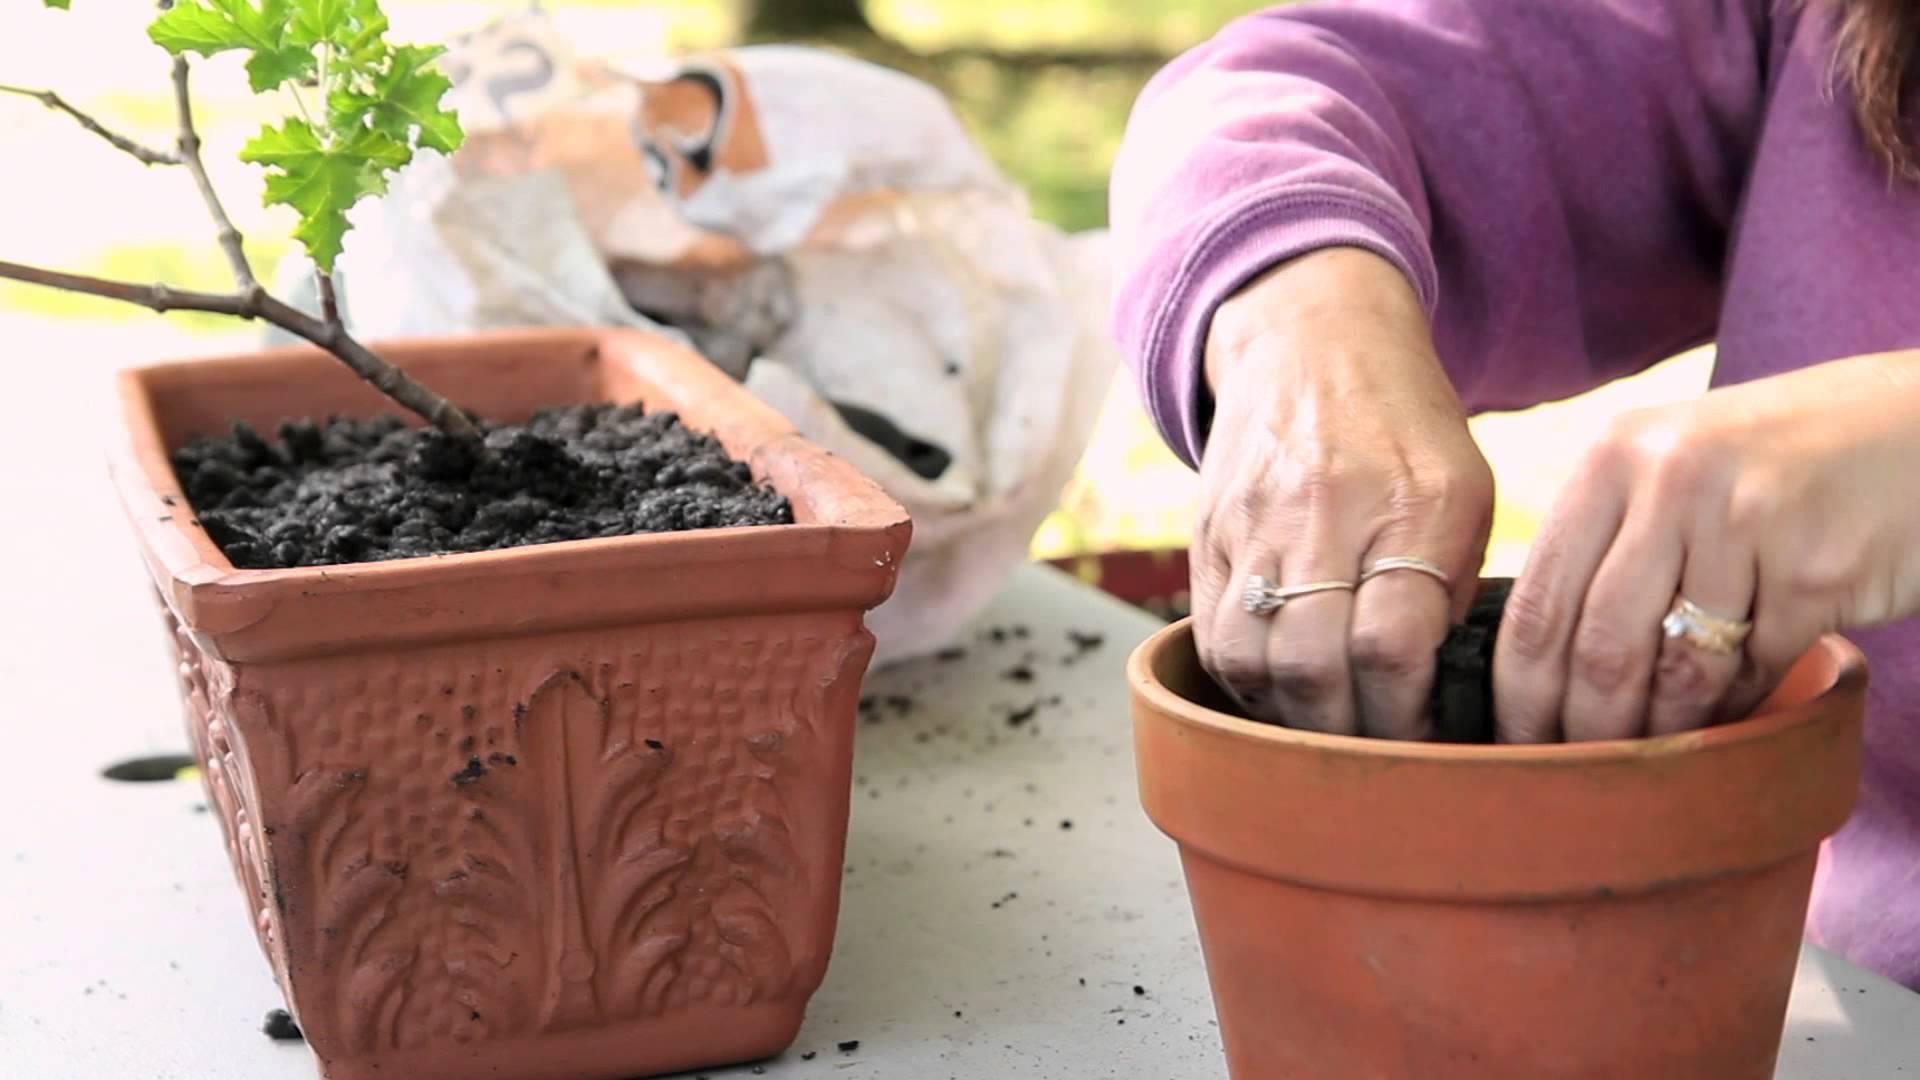 Можно ли пересаживать цветущую герань и когда это лучше делать, во время образования бутонов или после покупки, а также как правильно ухаживать?